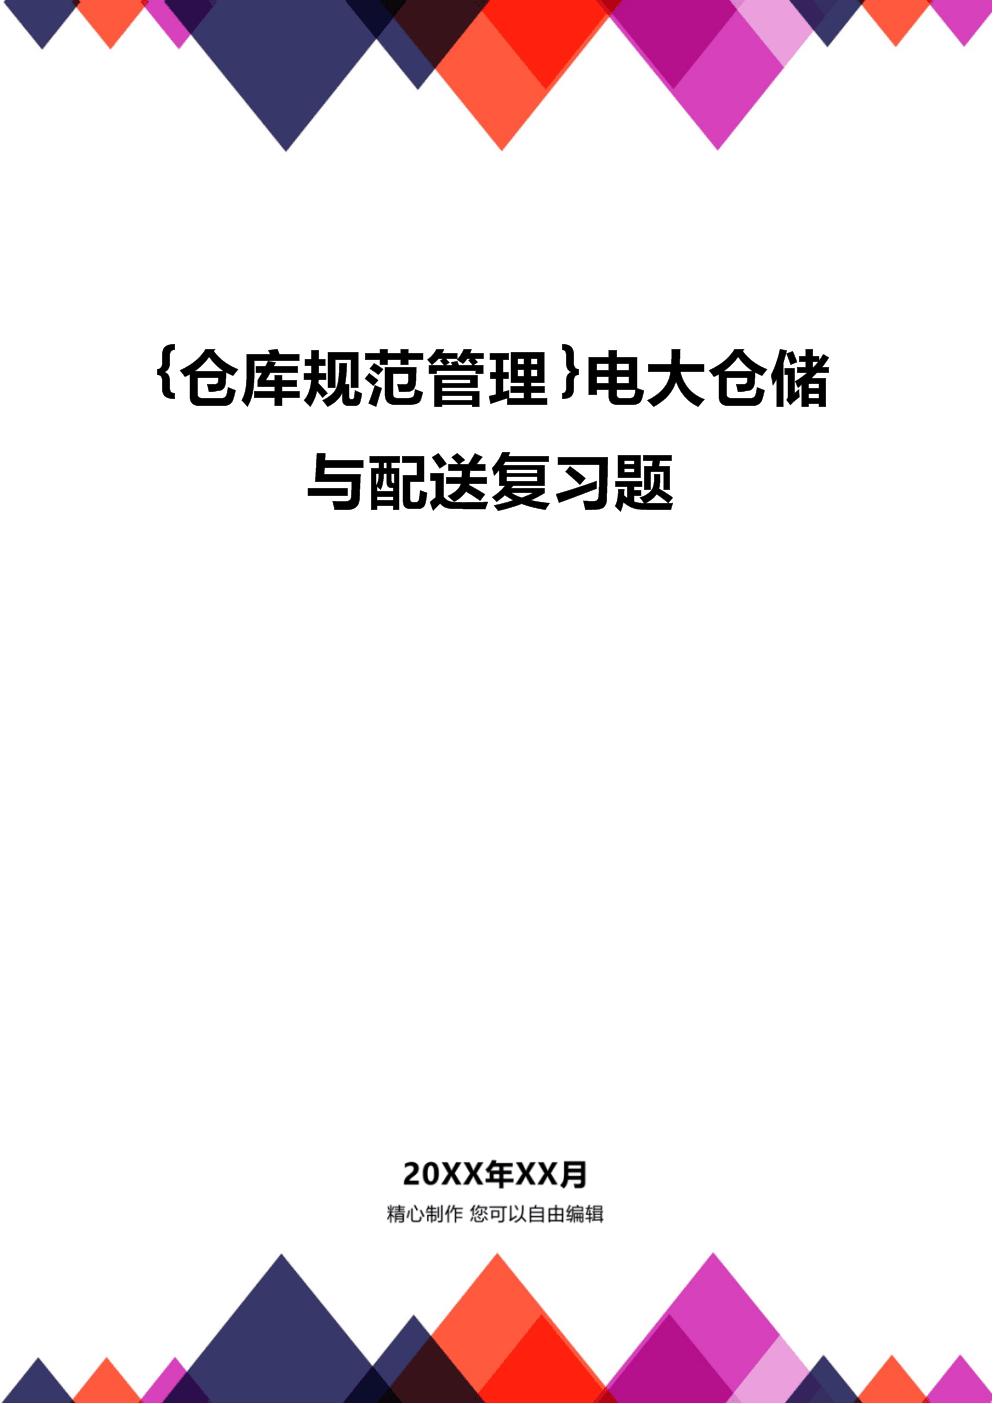 {仓库规范管理}电大仓储与配送复习题.docx